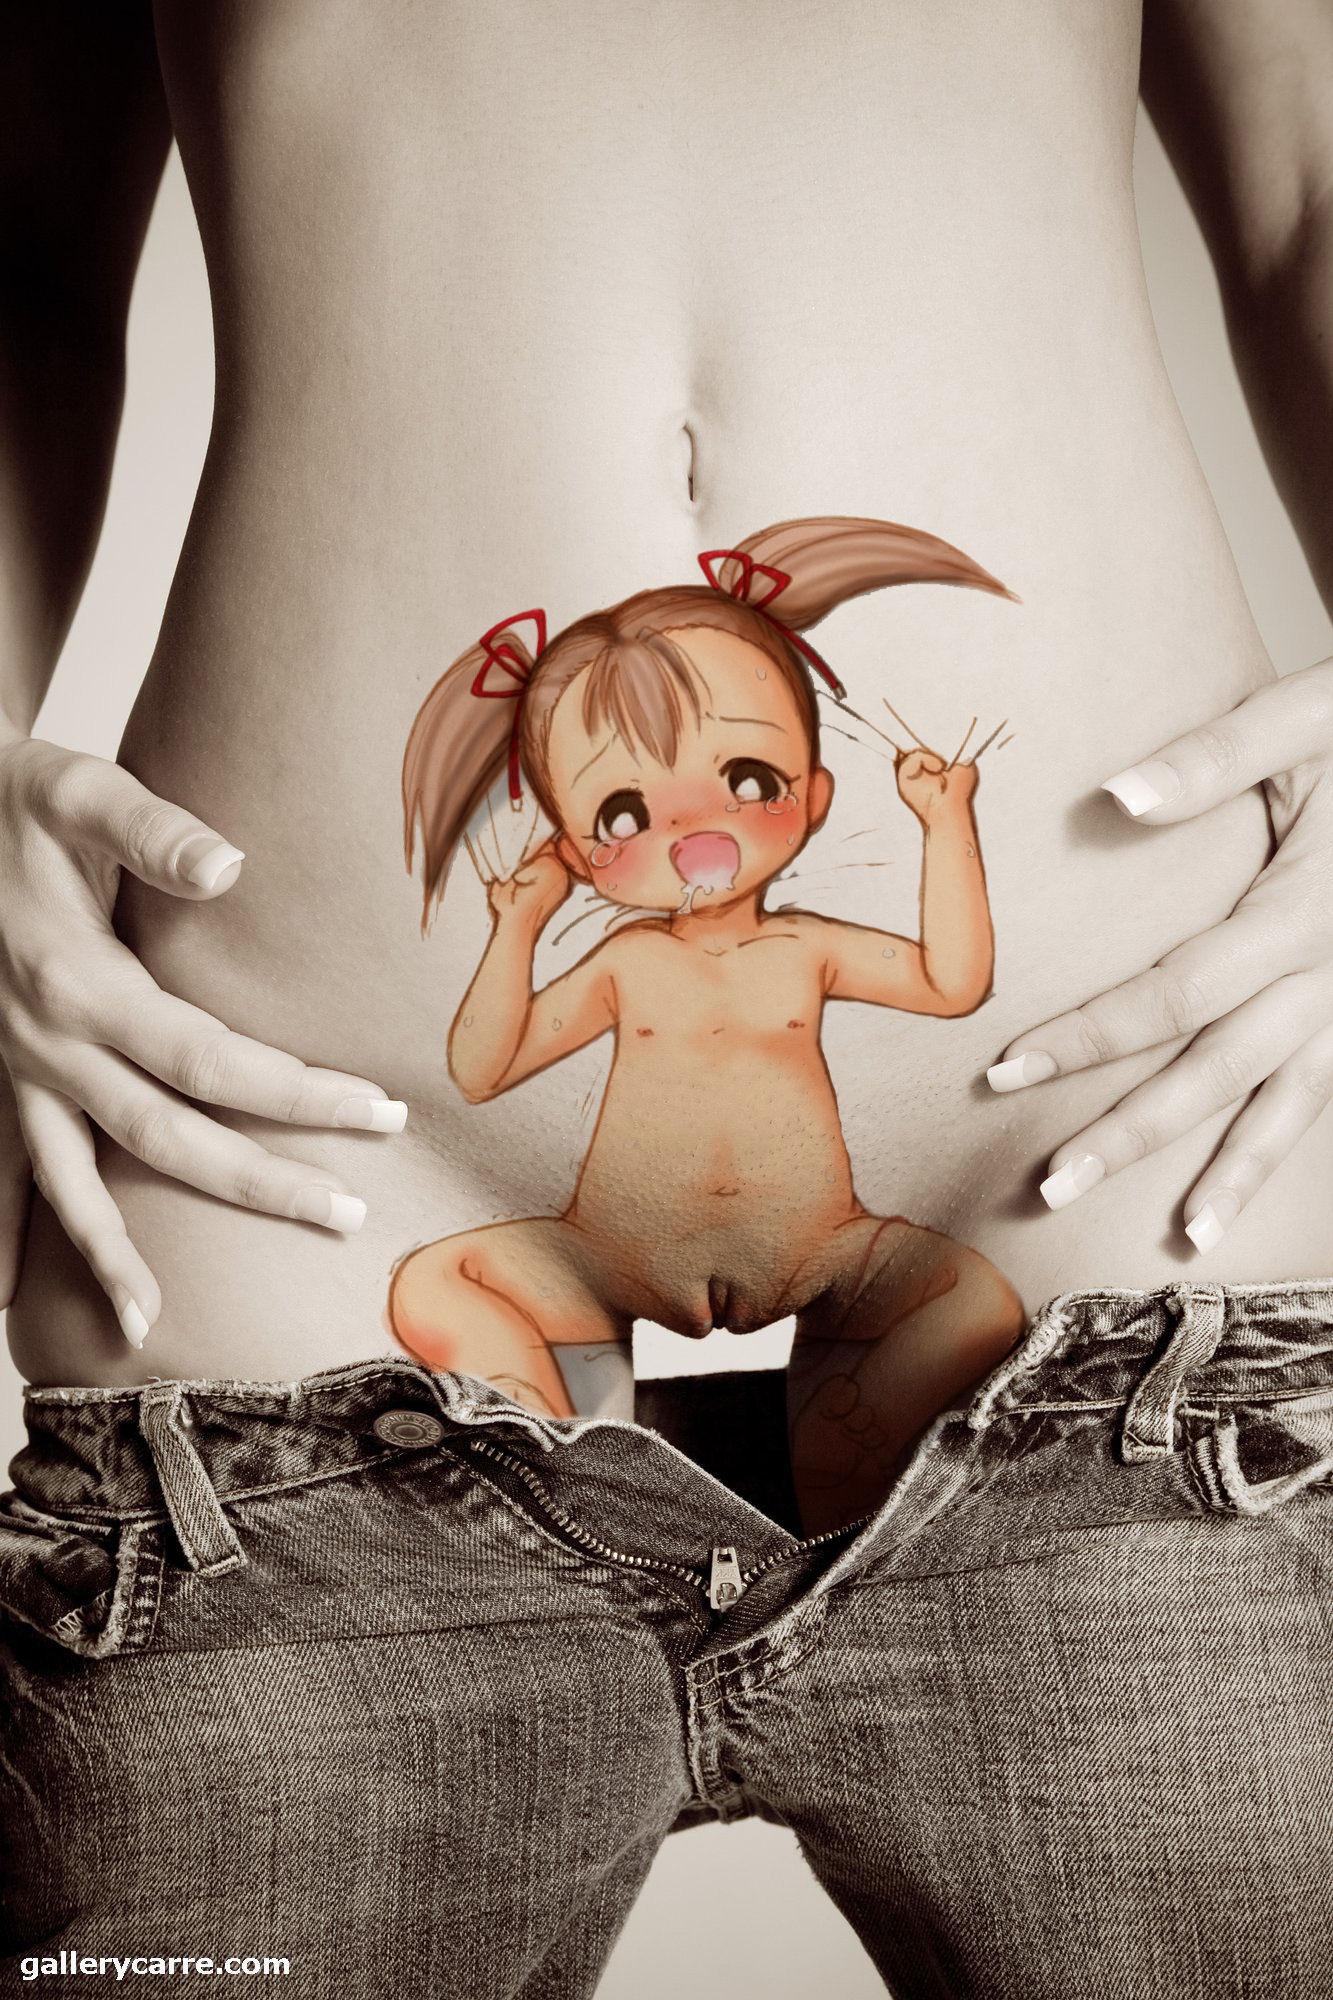 Princess rosalina naked erotica images